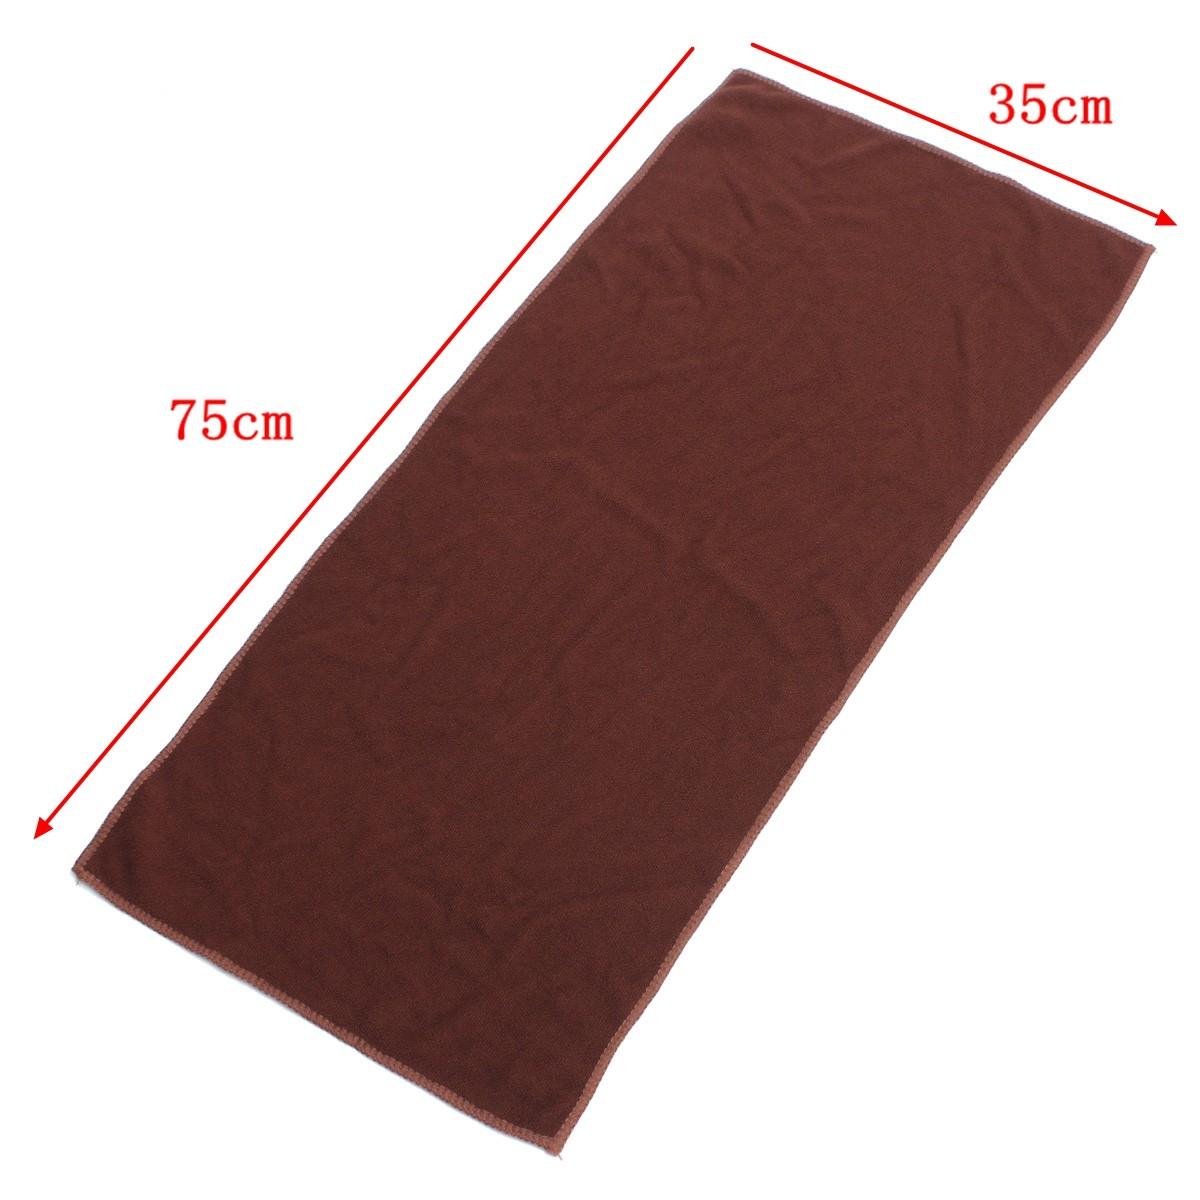 35x75см абсорбент полотенце из микрофибры для путешествий Отдых Туризм тренажерный зал йоги спорта